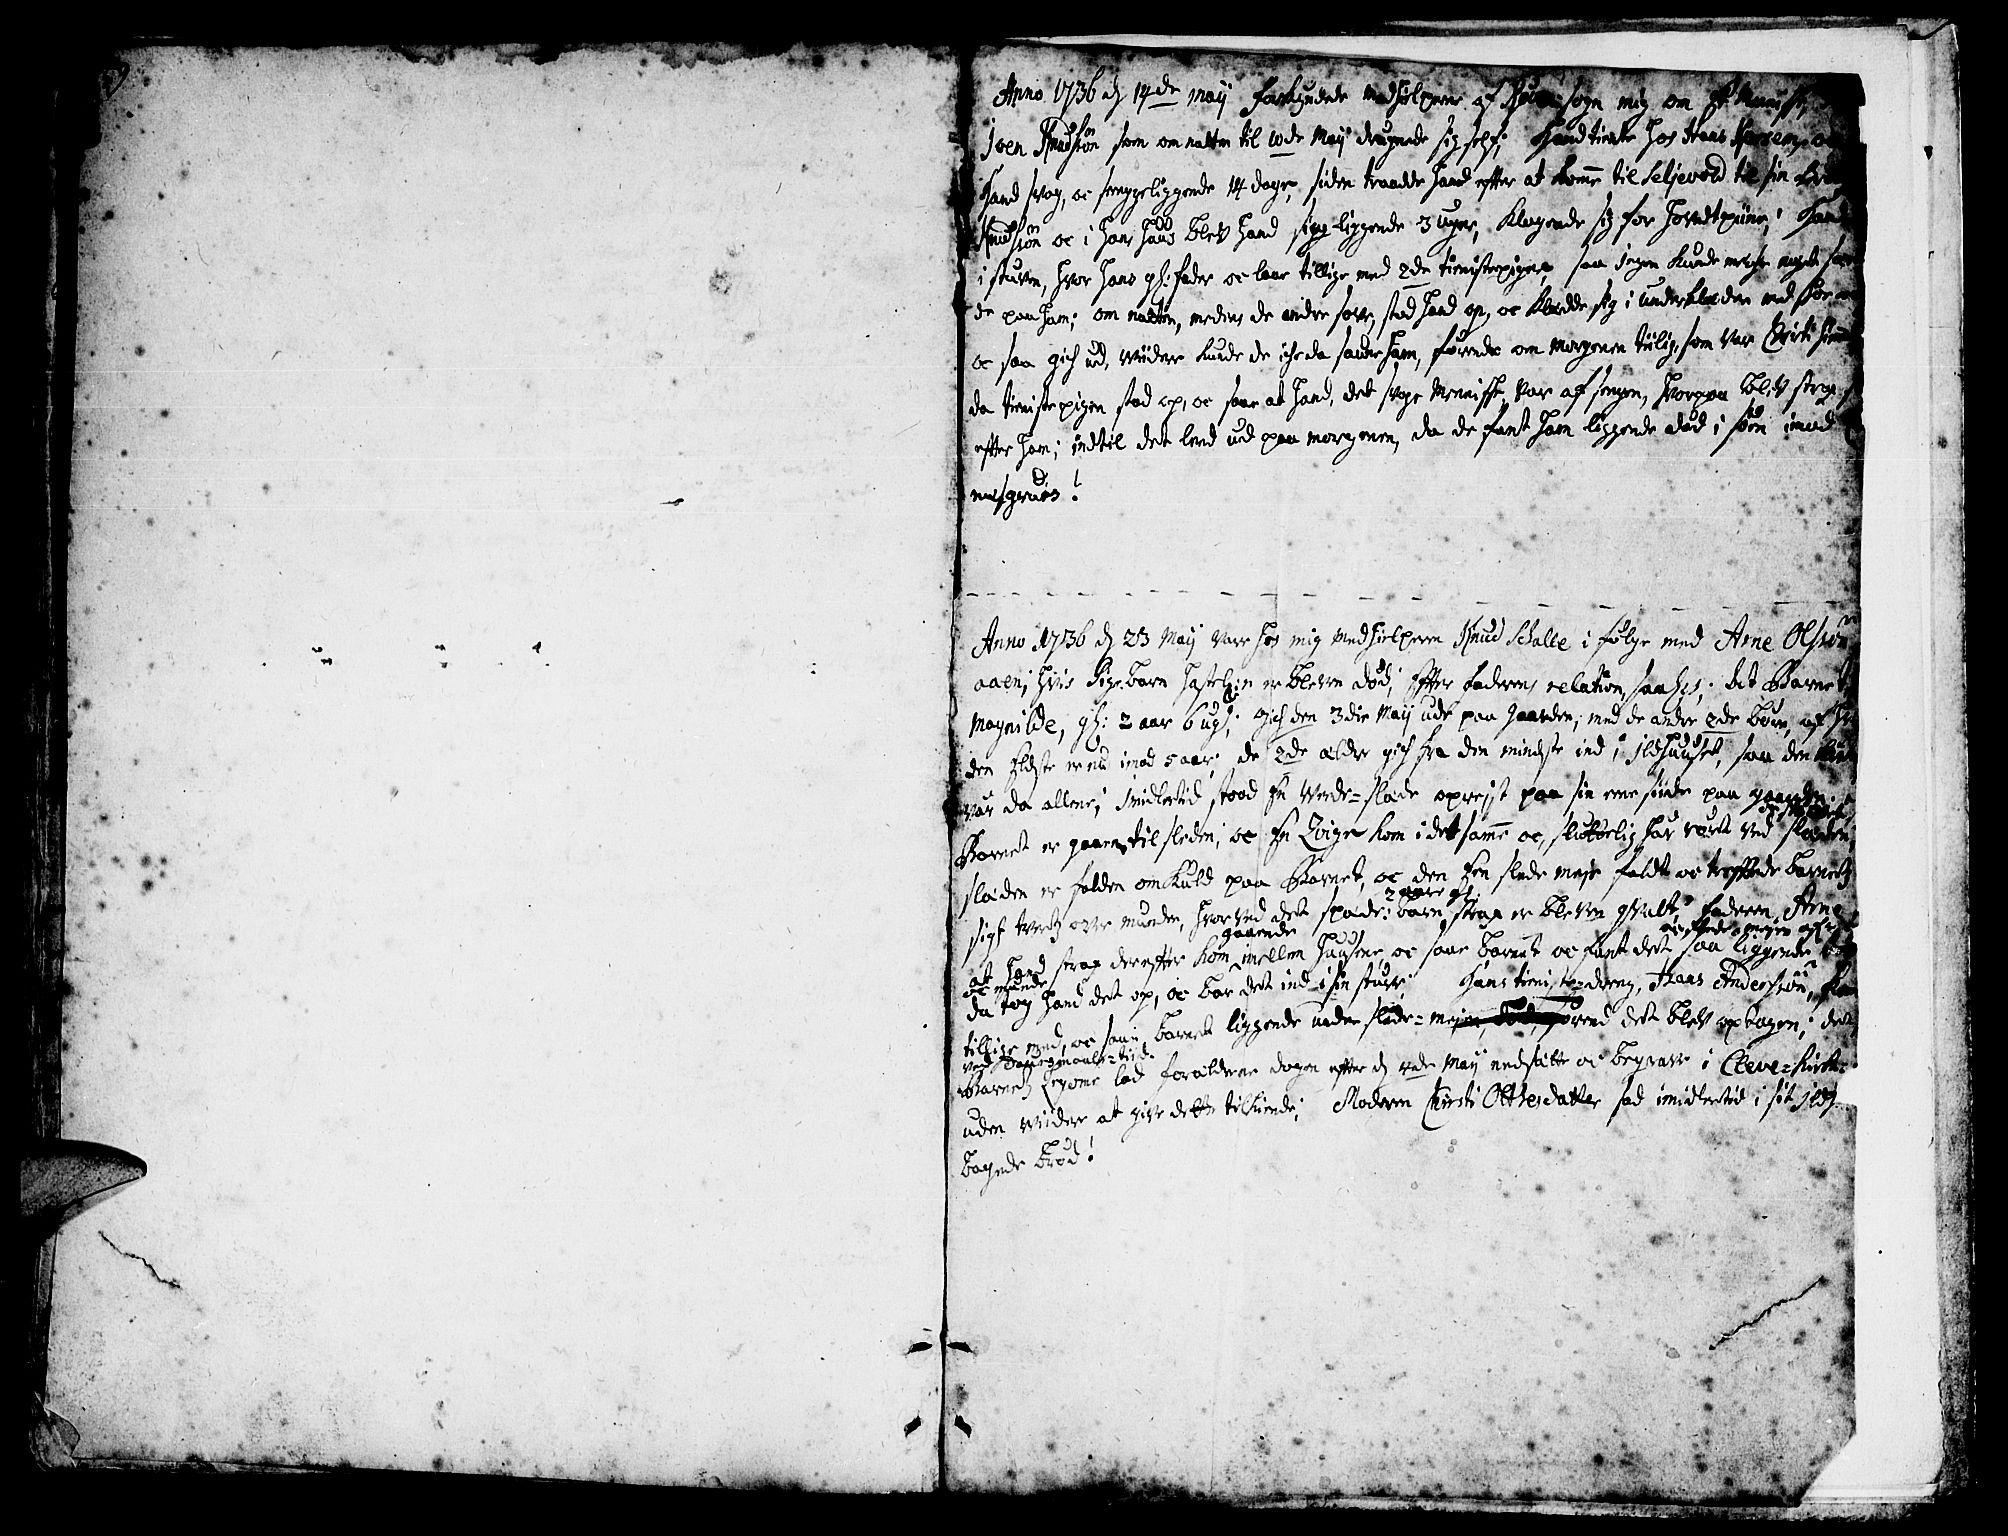 SAT, Ministerialprotokoller, klokkerbøker og fødselsregistre - Møre og Romsdal, 547/L0599: Ministerialbok nr. 547A01, 1721-1764, s. 560